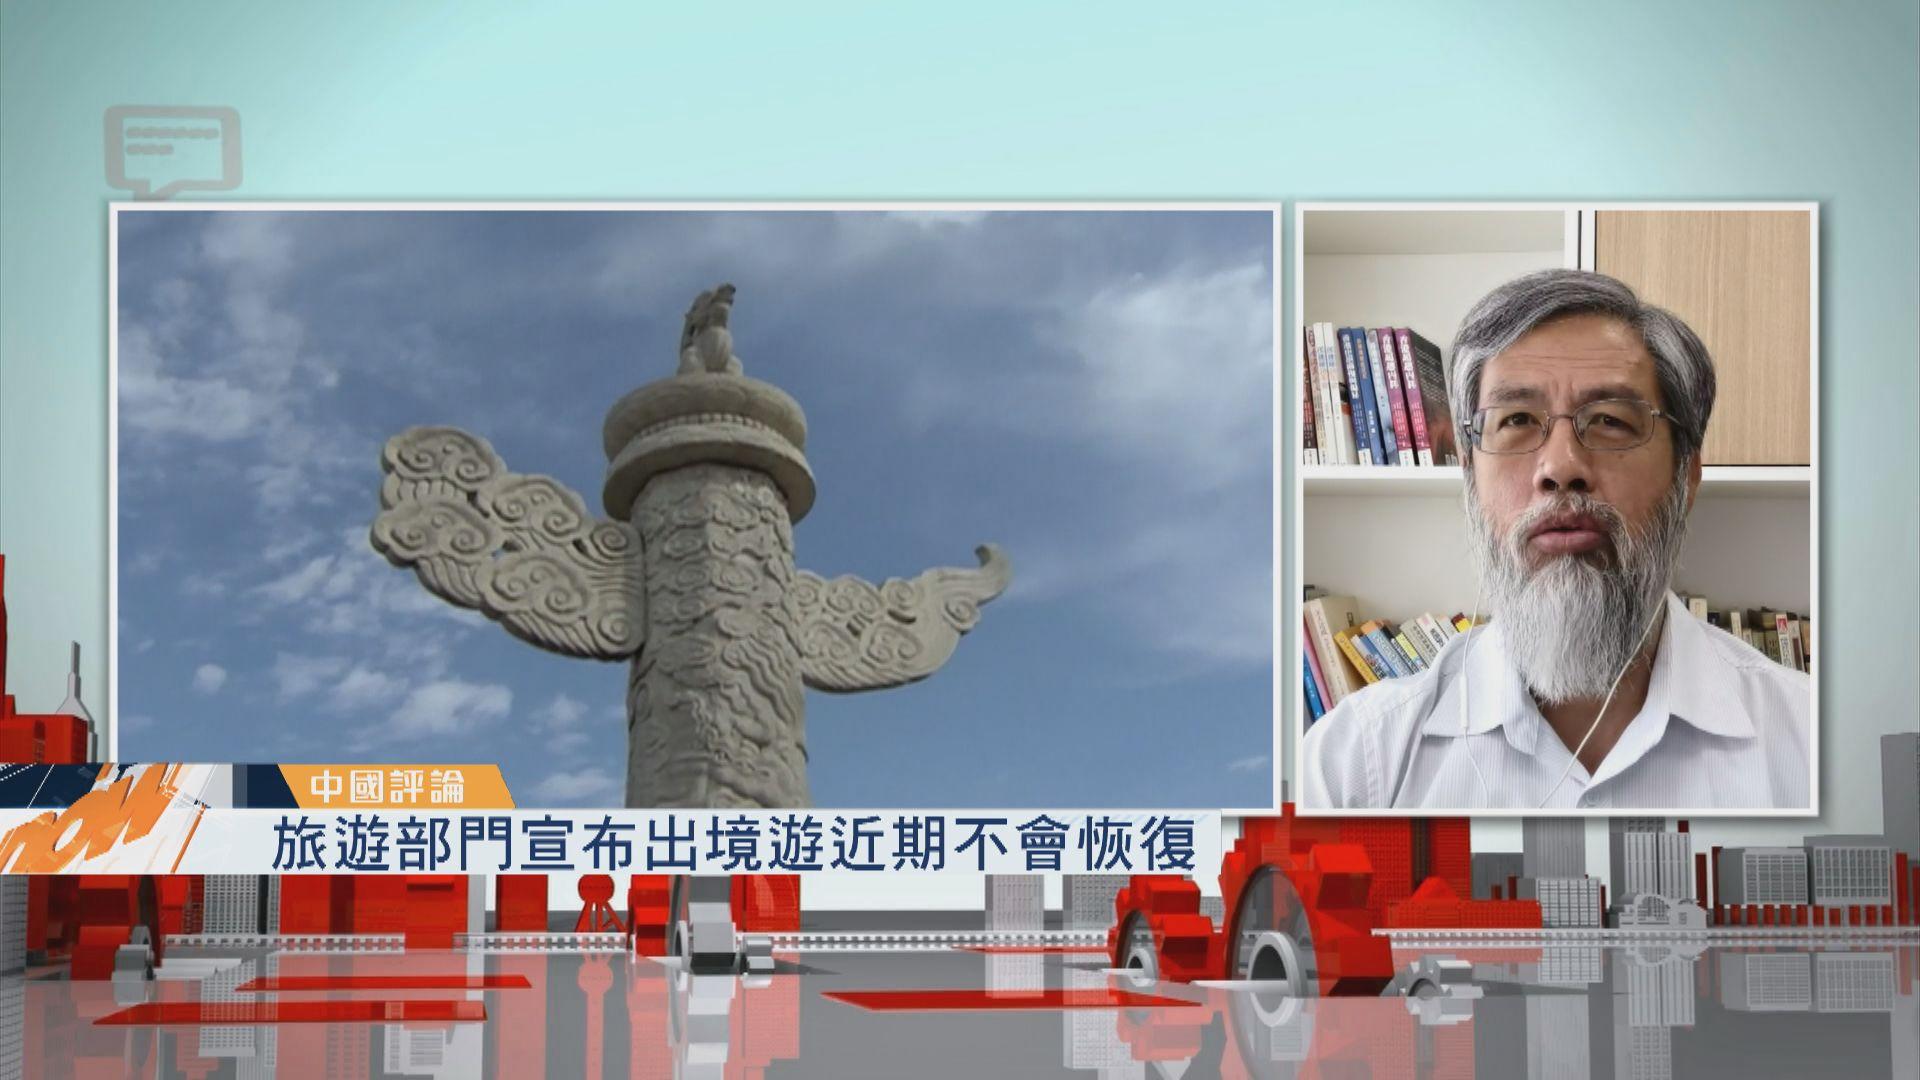 【中國評論】出境遊近期不會恢復/審計署公布審計結果